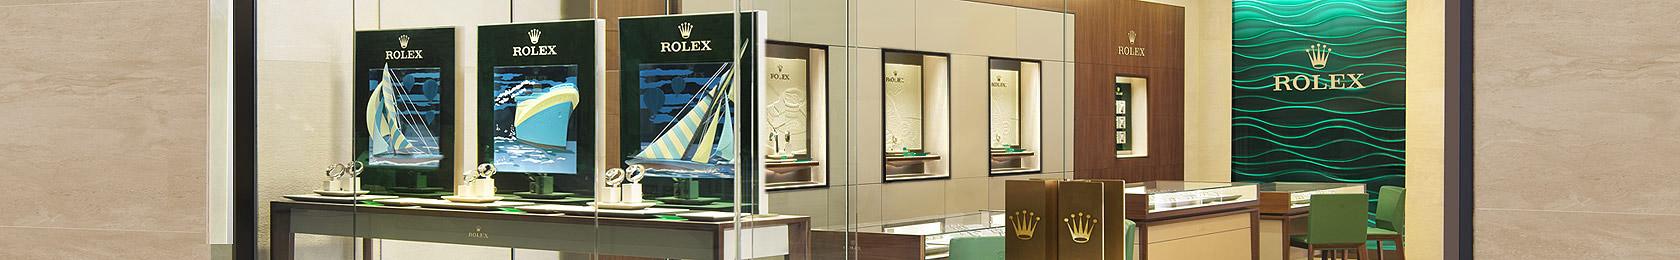 Rolex-Malaysia-Kuching-Hung-Cheong-Boutique-banner